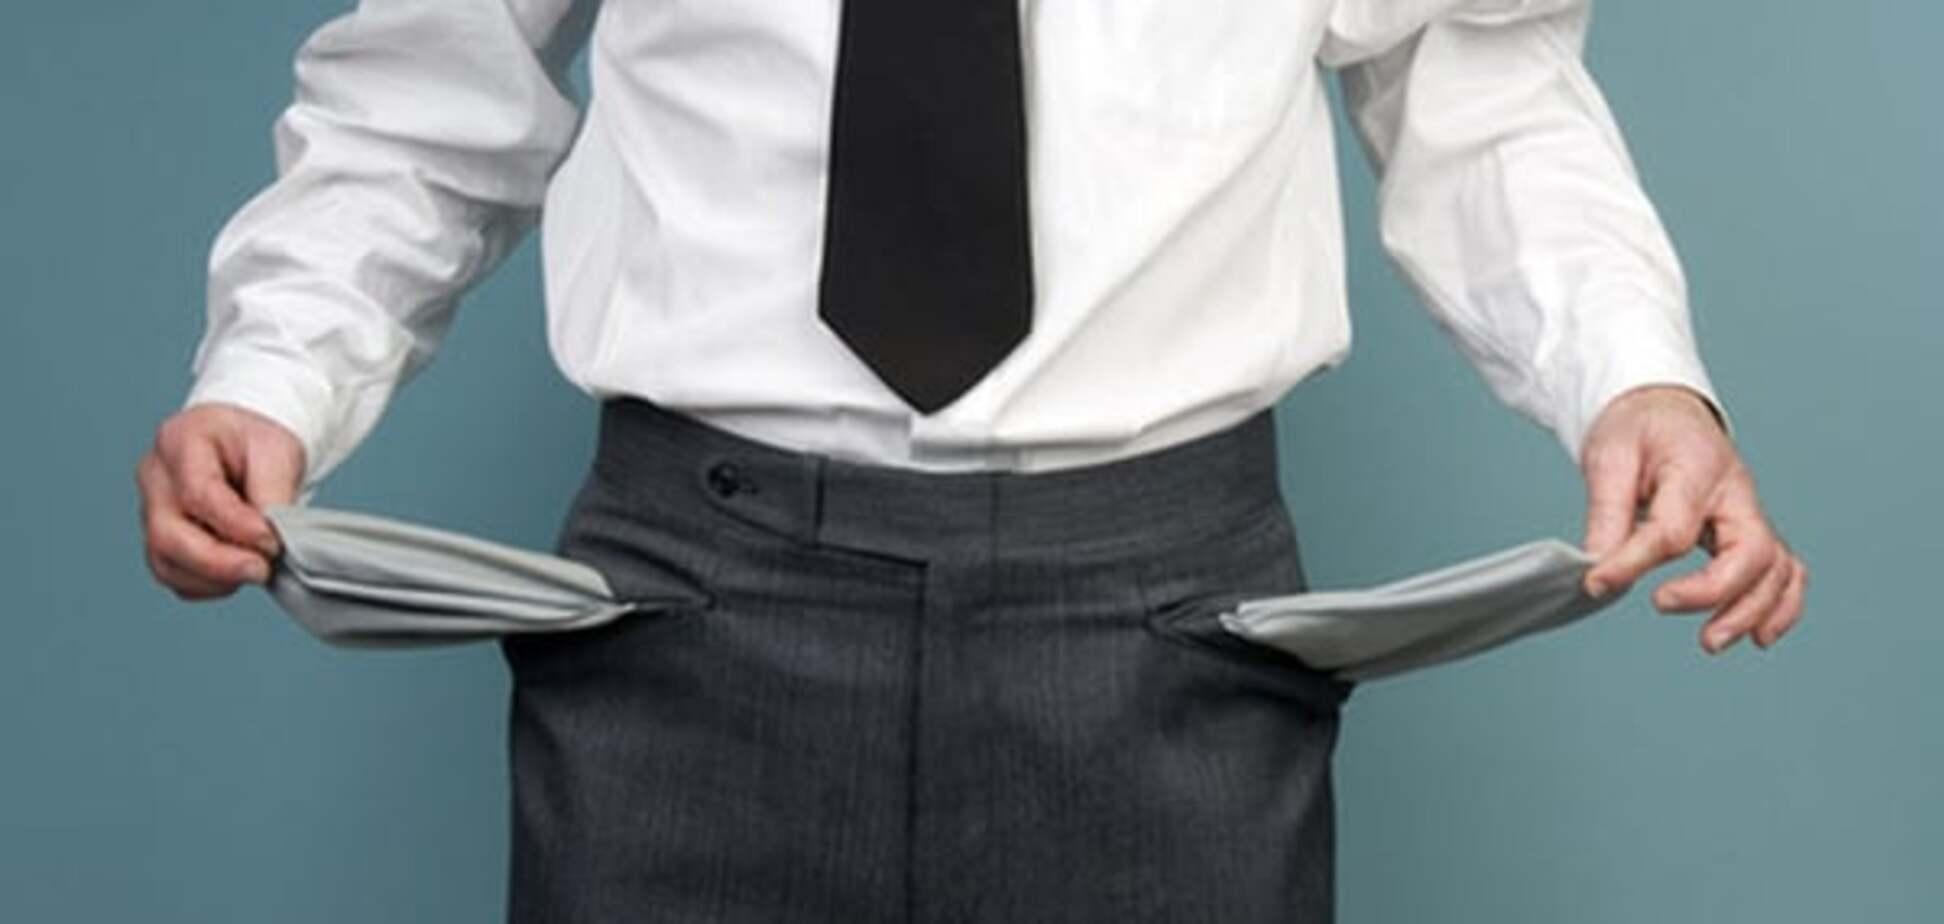 Вищий госпсуд зробив СБУ банкрутом: опубліковані 'документи'